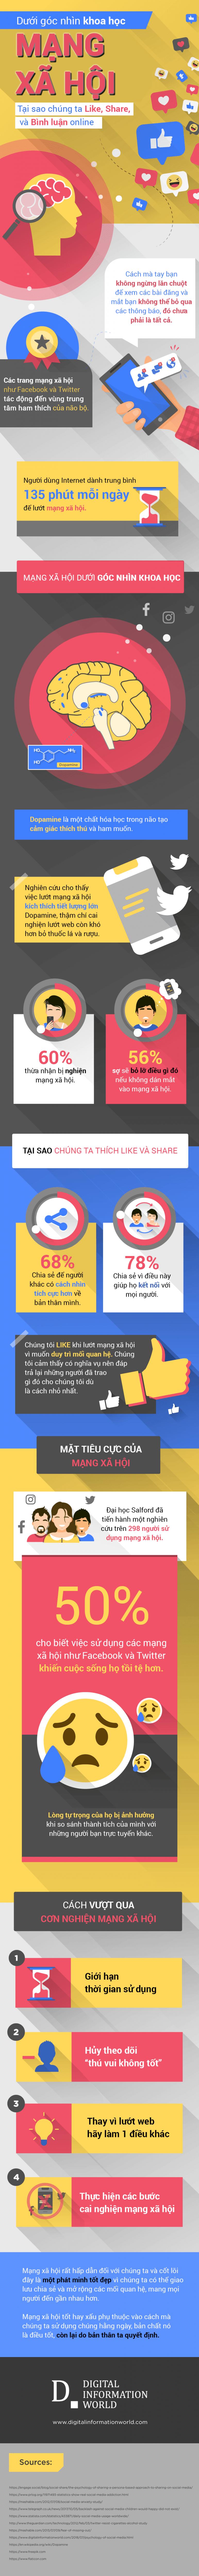 [Infographic] Tại sao chúng ta thích Like, Share và Comment trên mạng xã hội?